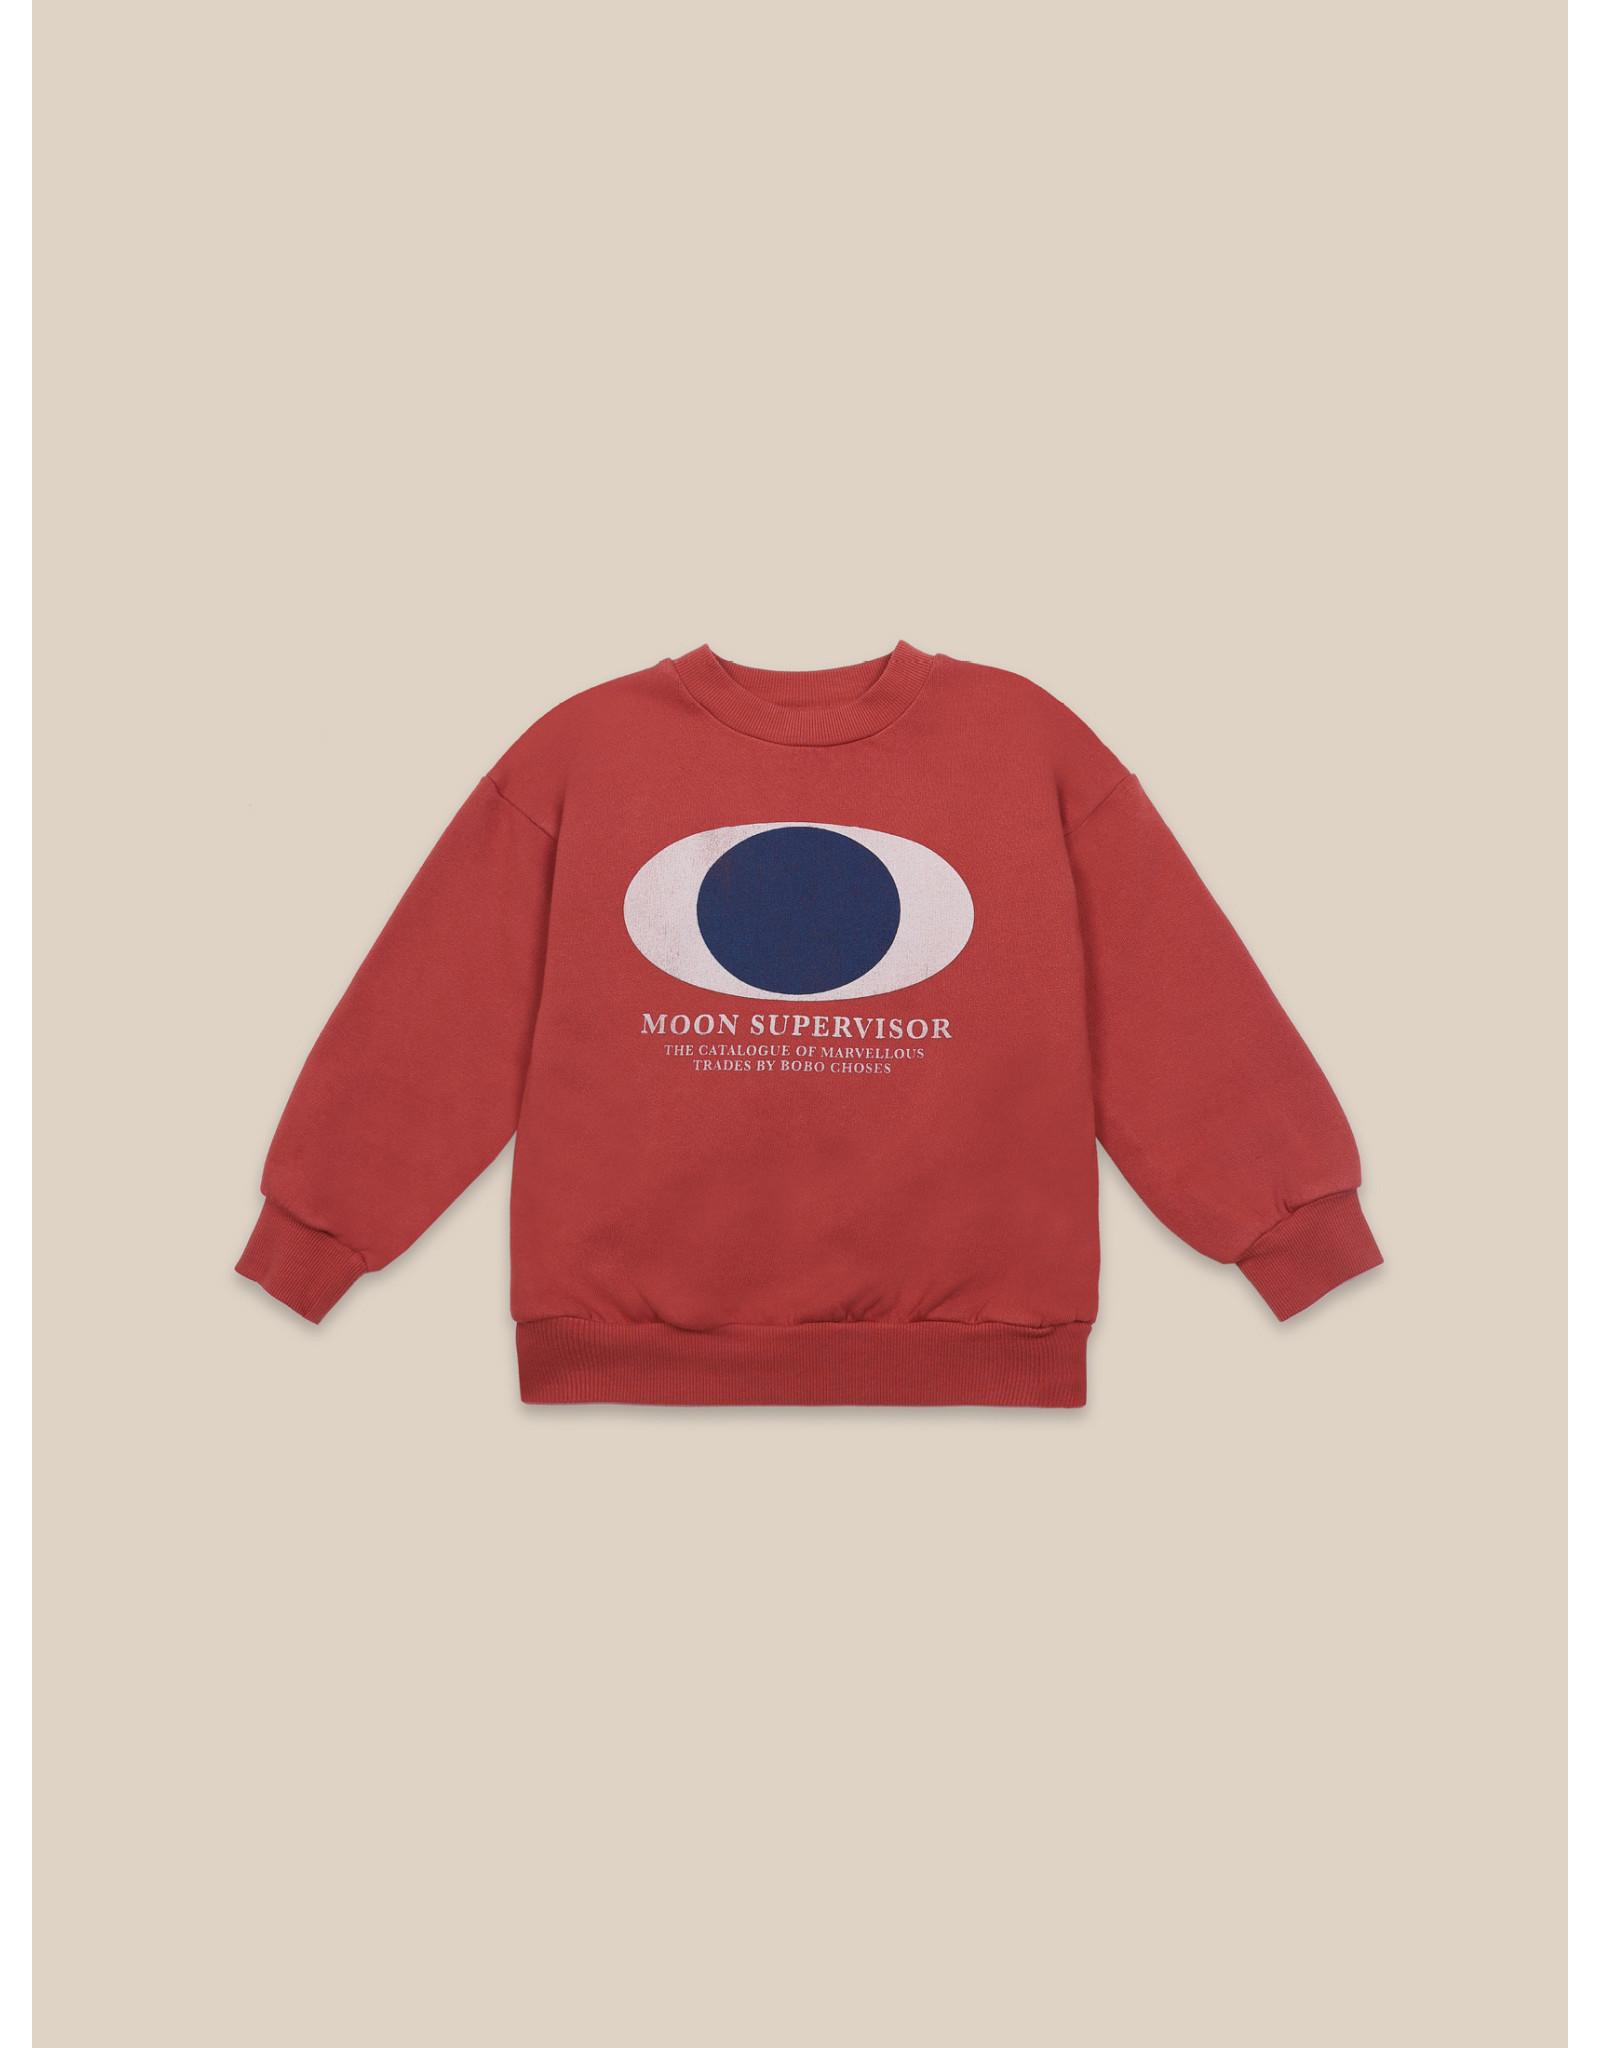 Bobo Choses Supervisor sweatshirt